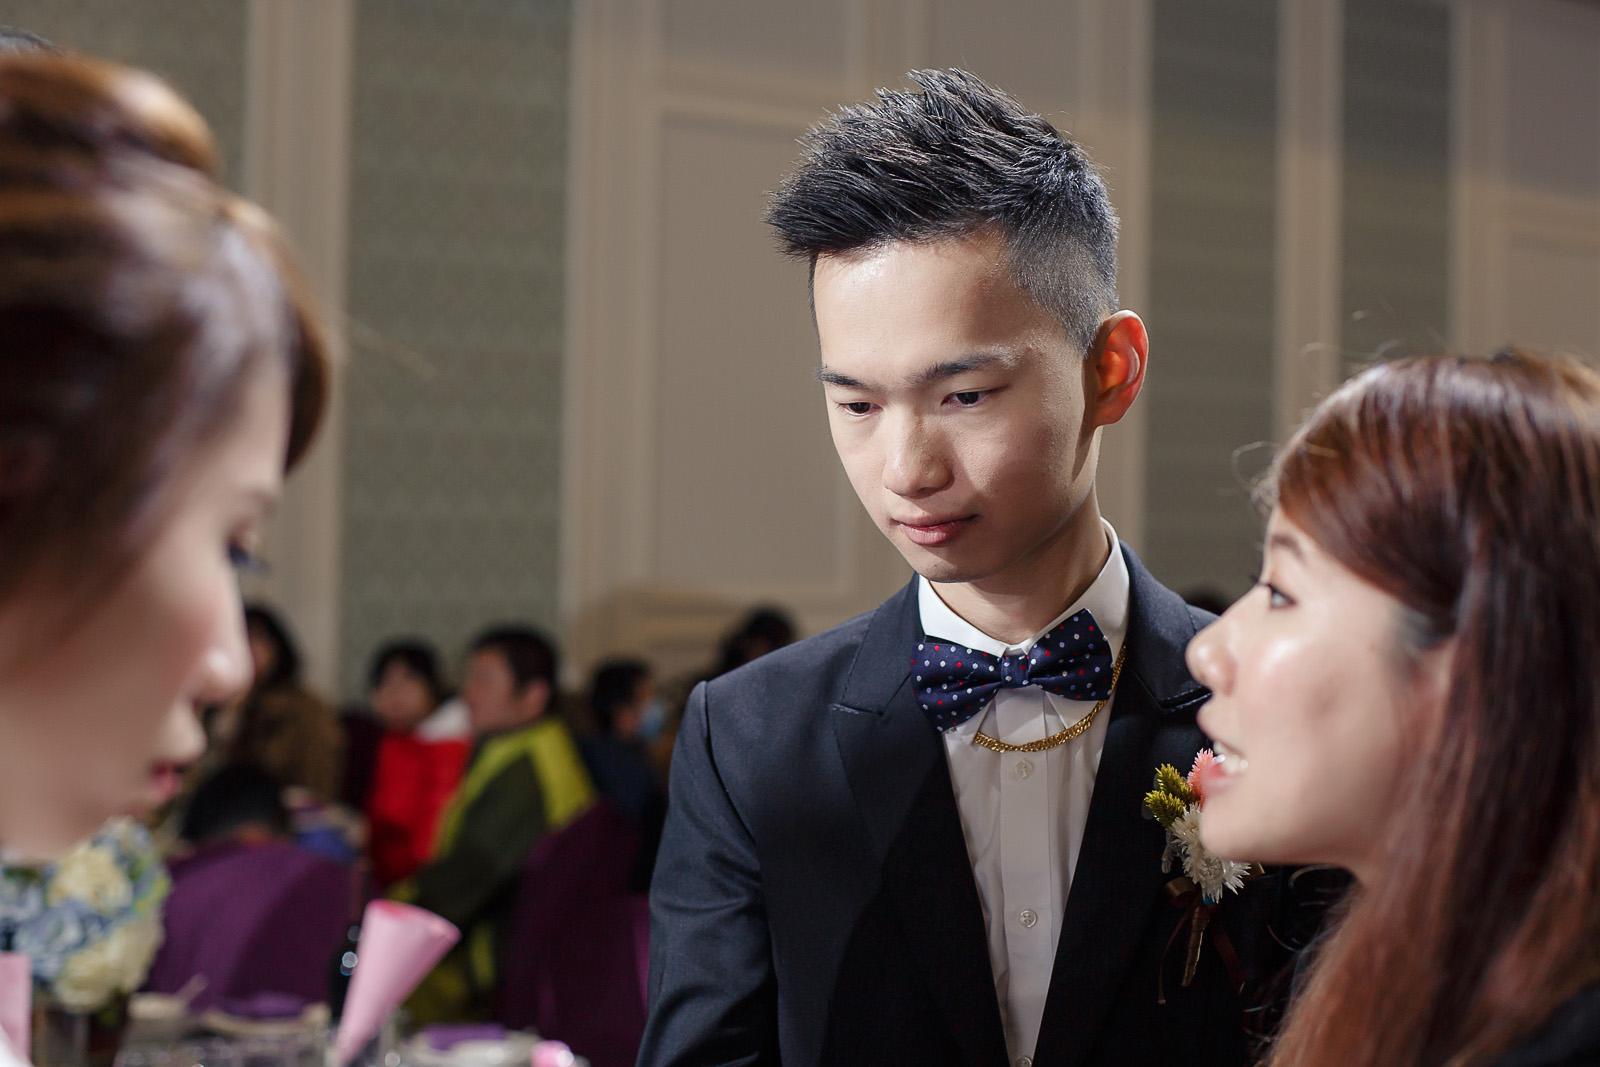 高雄圓山飯店,婚禮攝影,婚攝,高雄婚攝,優質婚攝推薦,Jen&Ethan-201